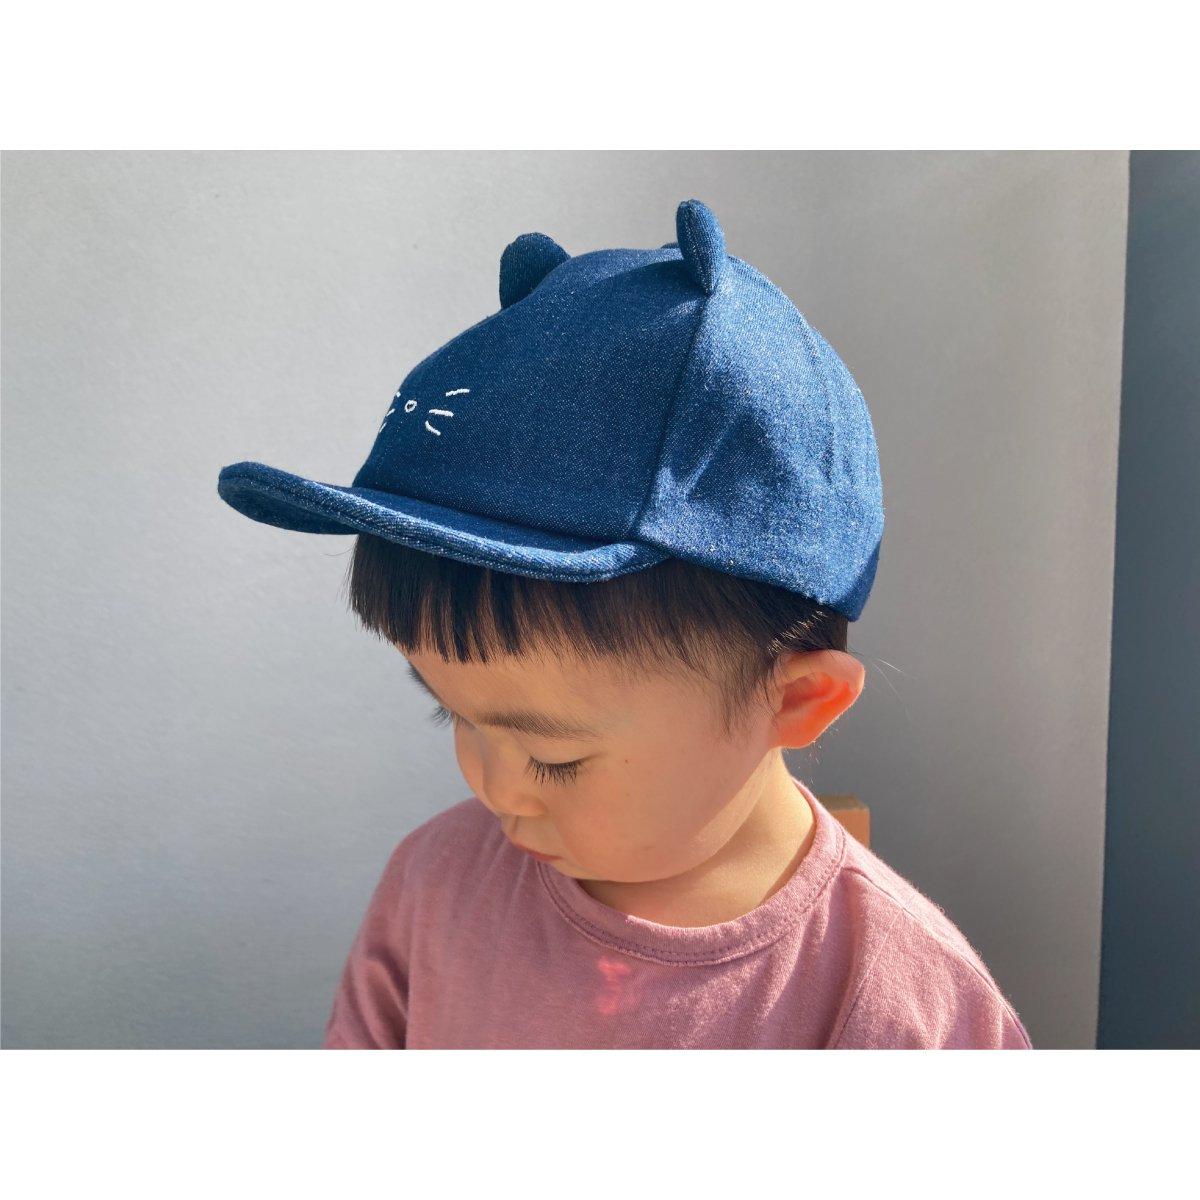 【KIDS】Cat Ear Cap 詳細画像19